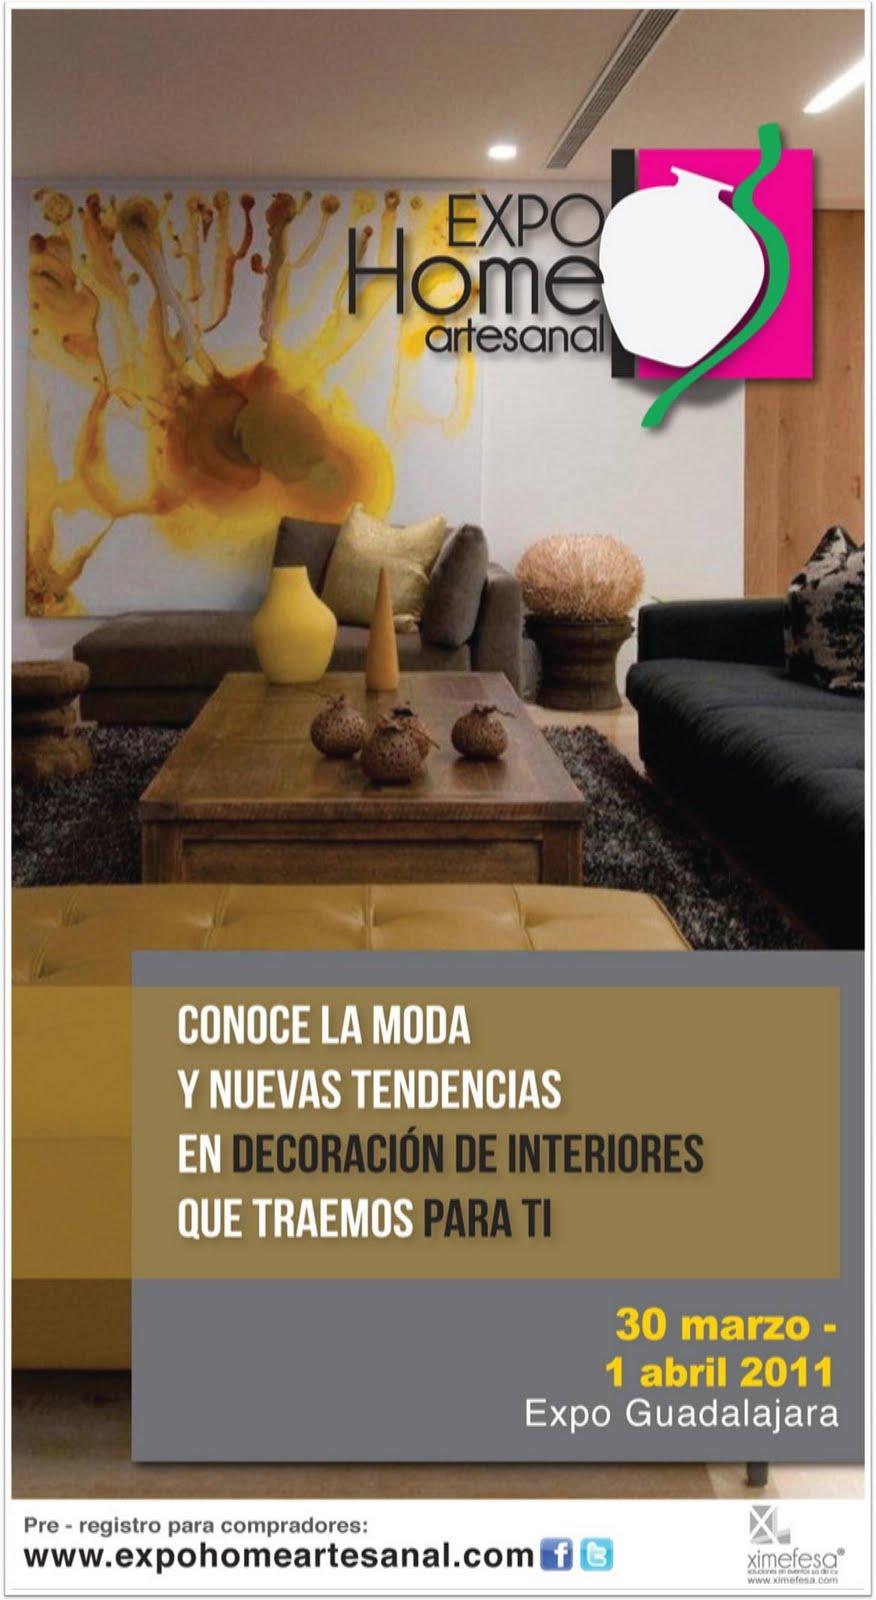 Expo dise o artesanal de casas en guadalajara directorio for Diseno de interiores guadalajara